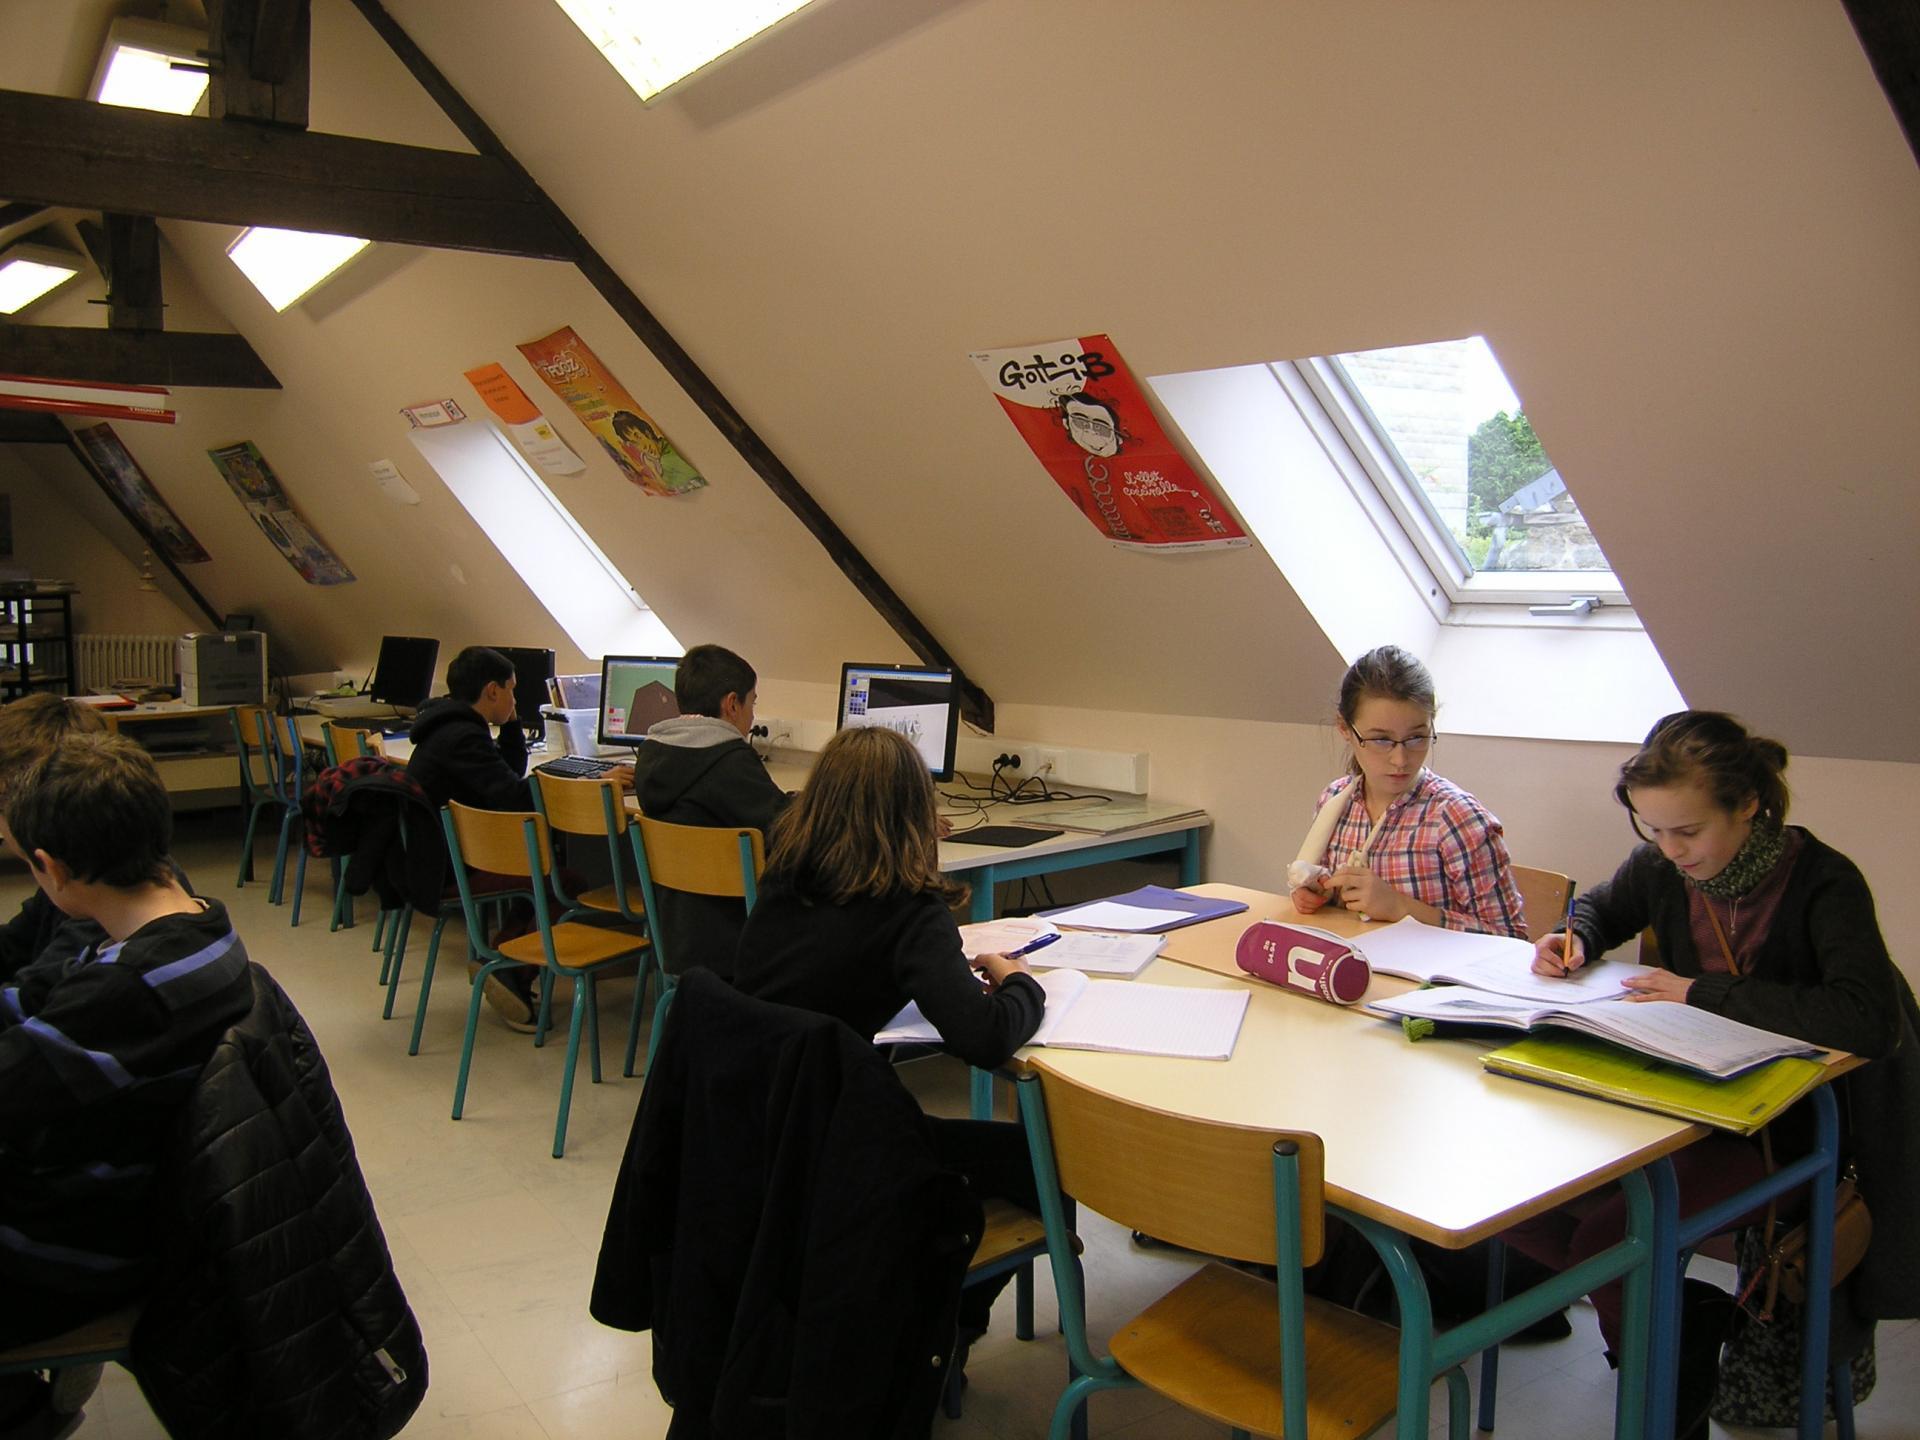 Collège du Sacré coeur - CDI3